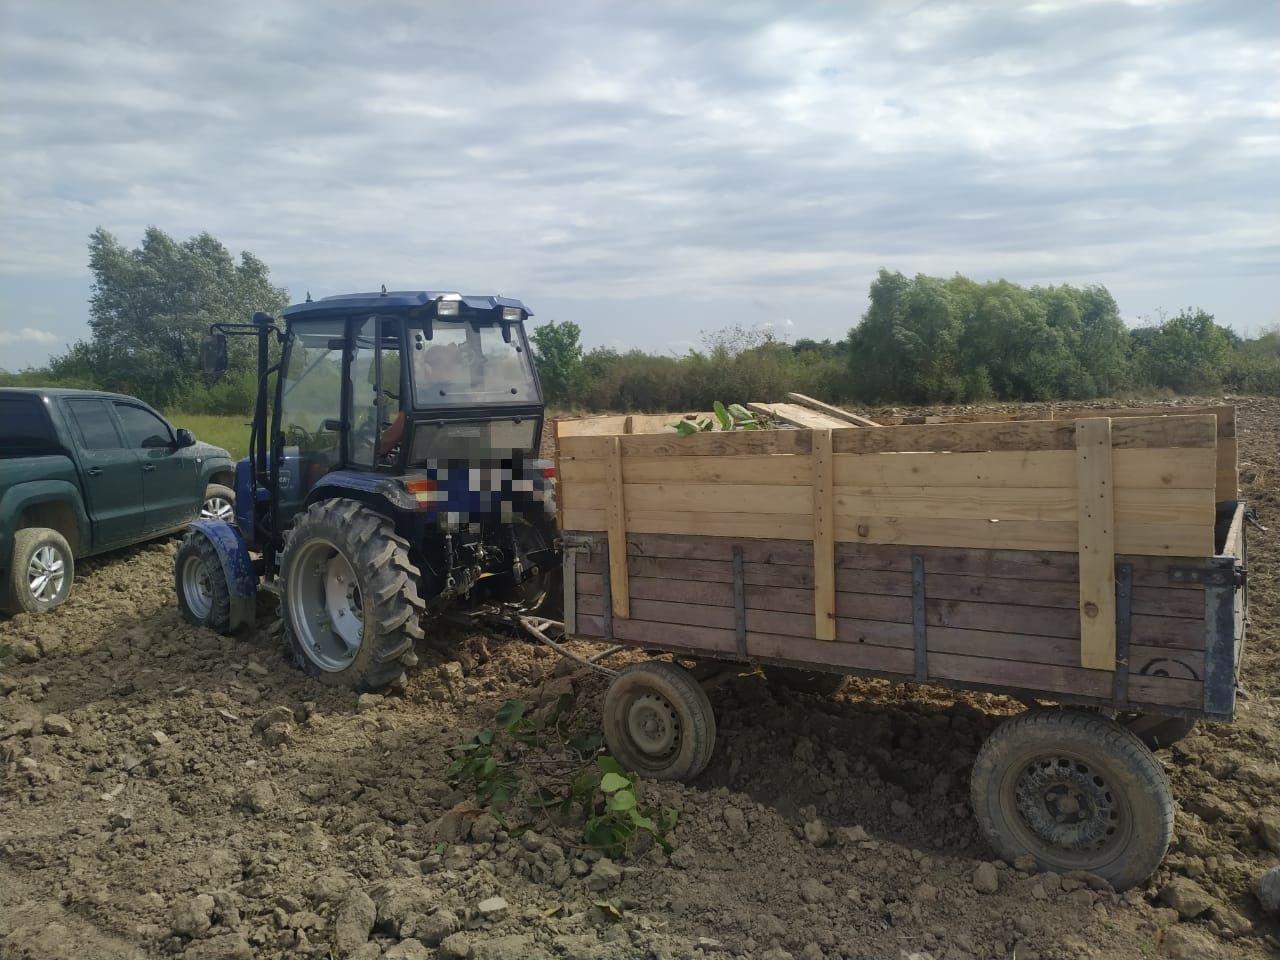 Учора, неподалік від кордону контрабандист на тракторі влаштував перегони прикордонникам.